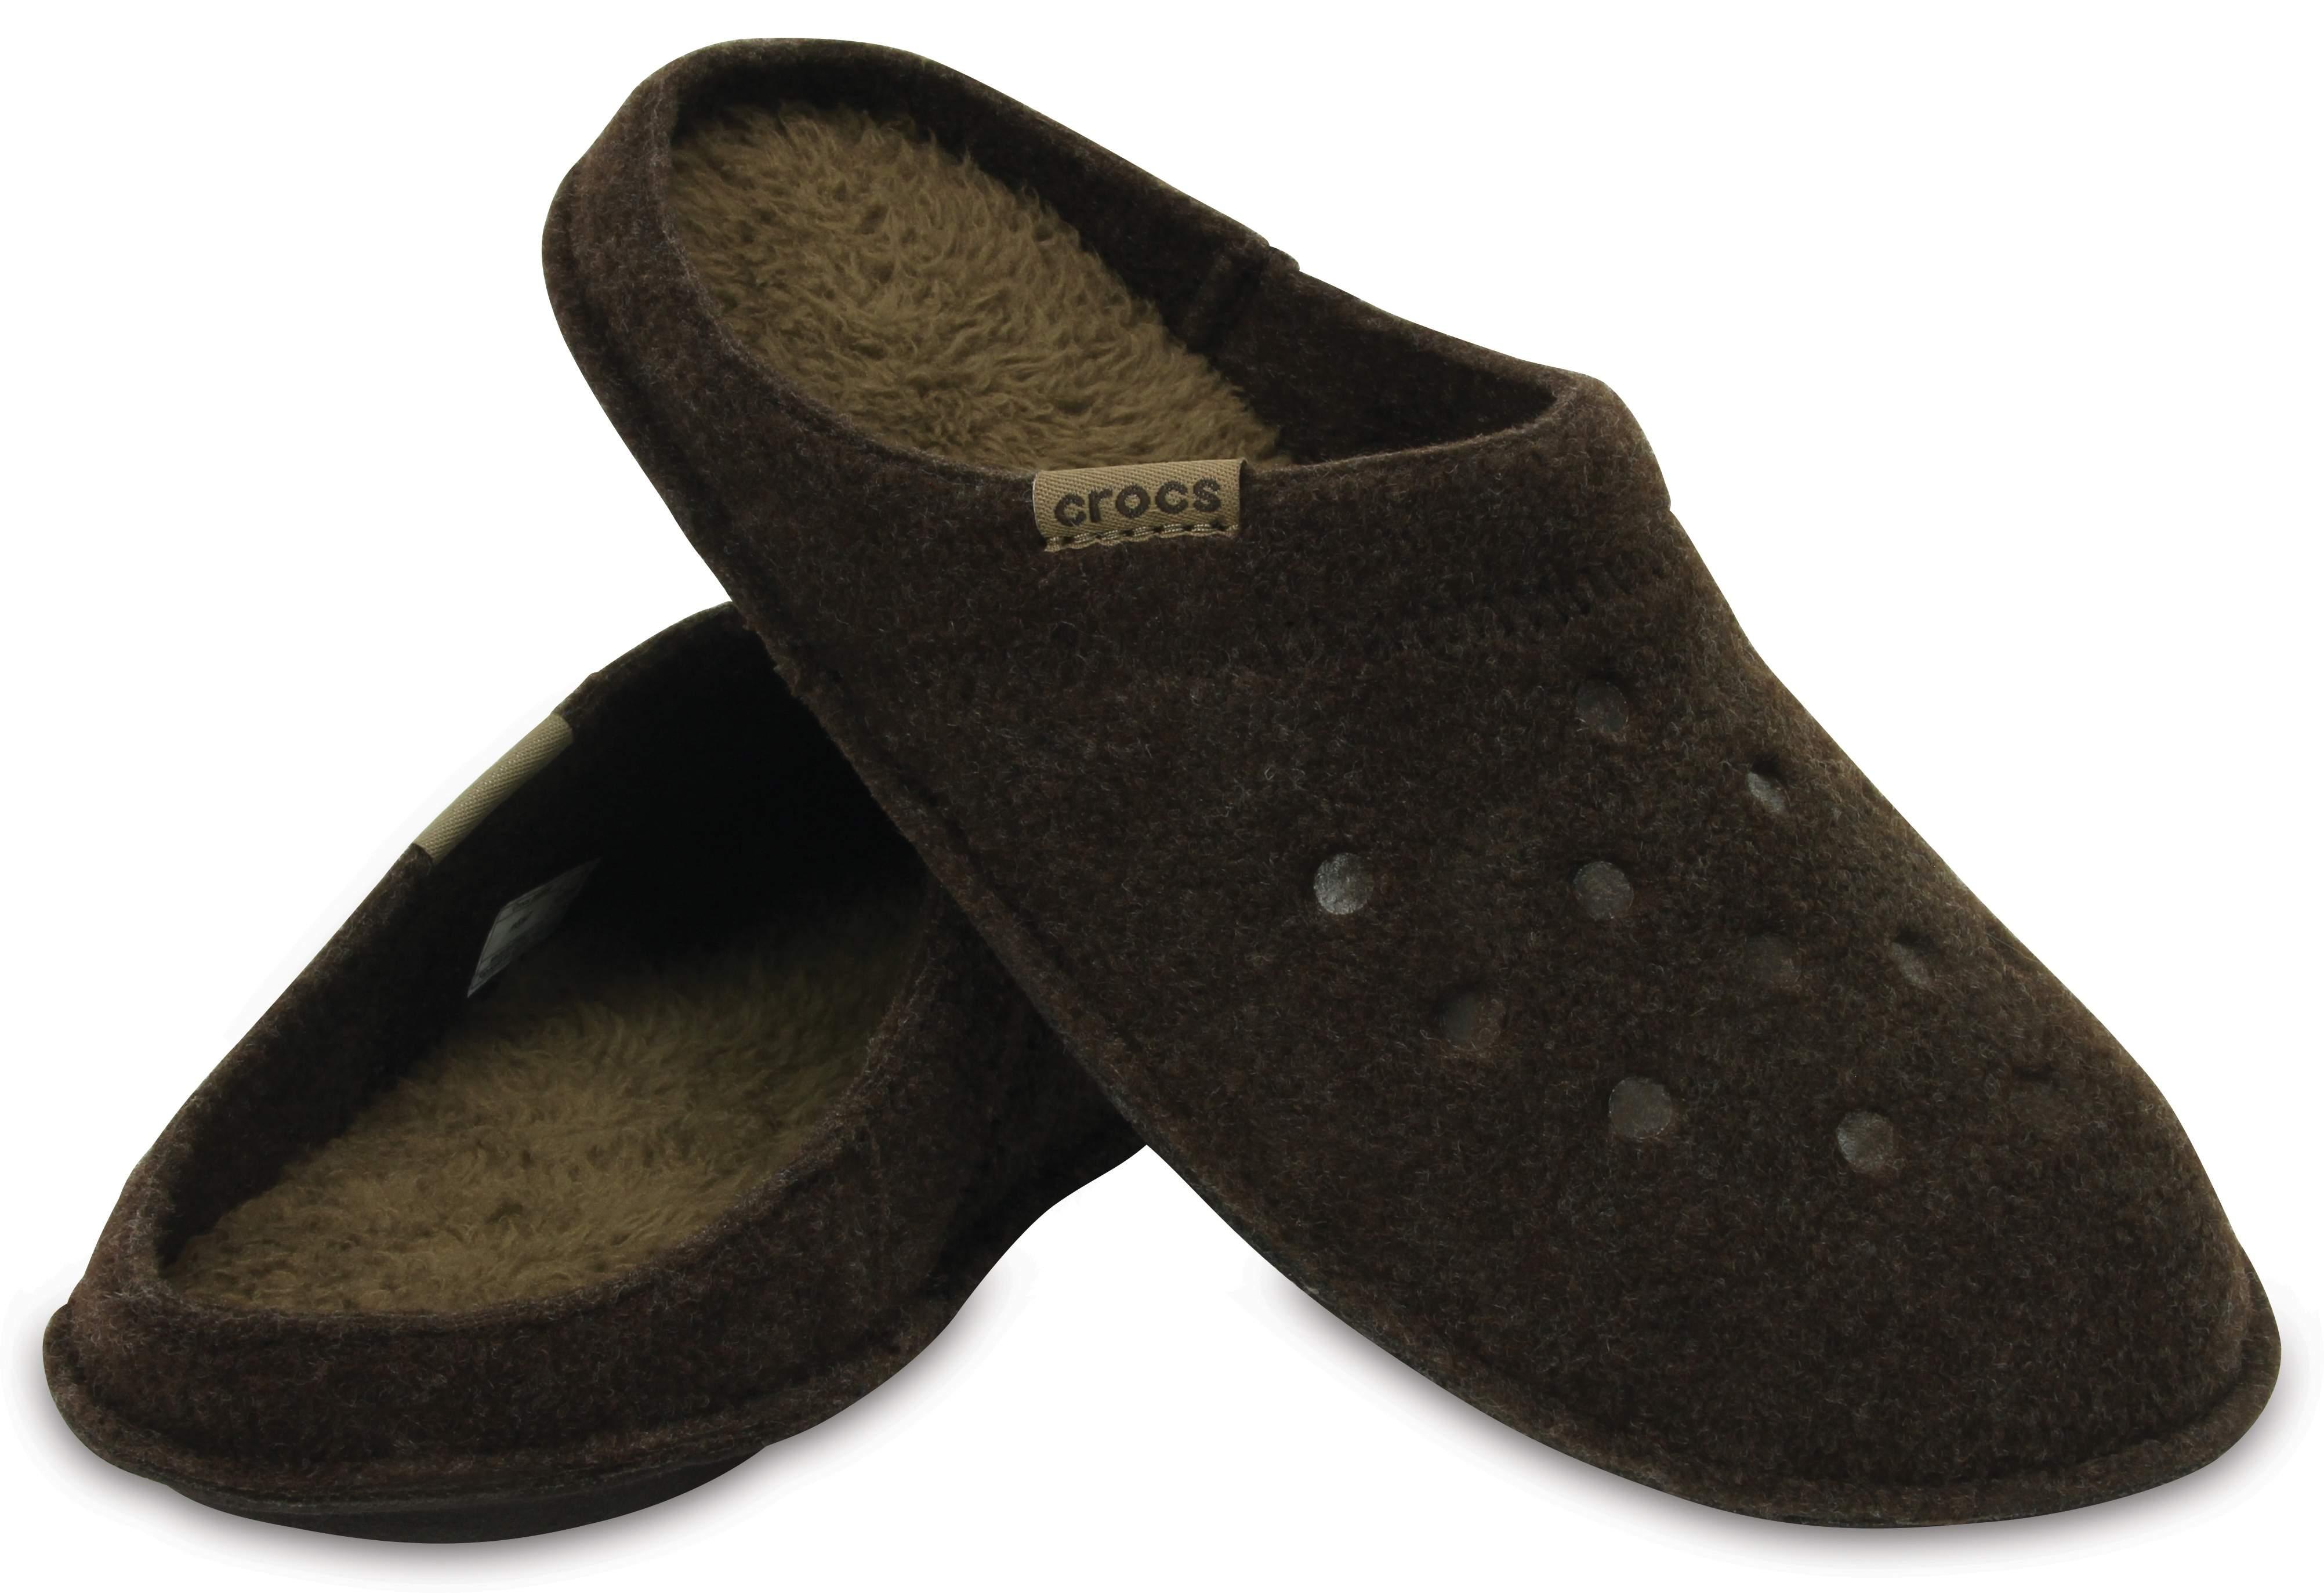 【クロックス公式】 クラシック スリッパ Classic Slipper ユニセックス、メンズ、レディース、男女兼用 ブラウン/茶 24cm,26cm,28cm slipper